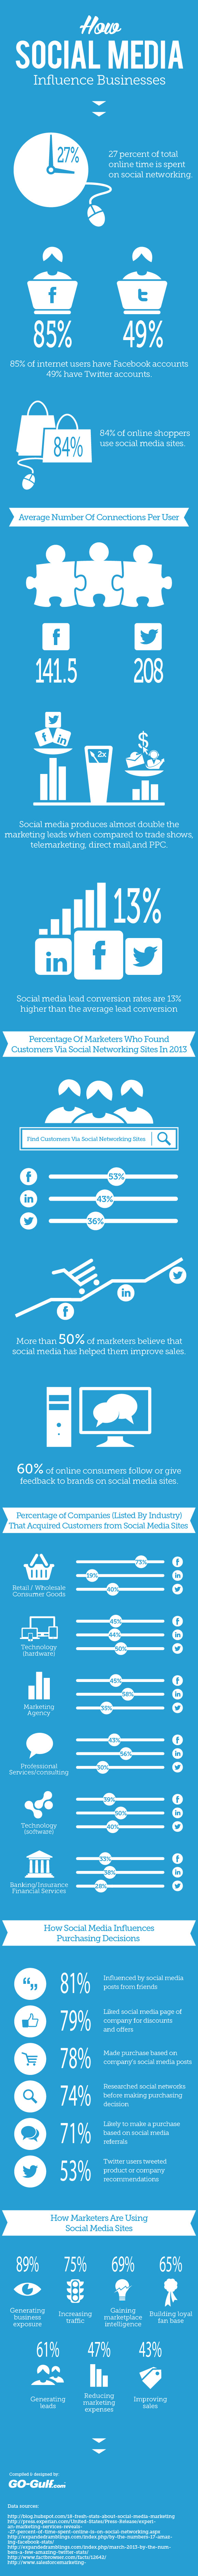 How social media influences businesses